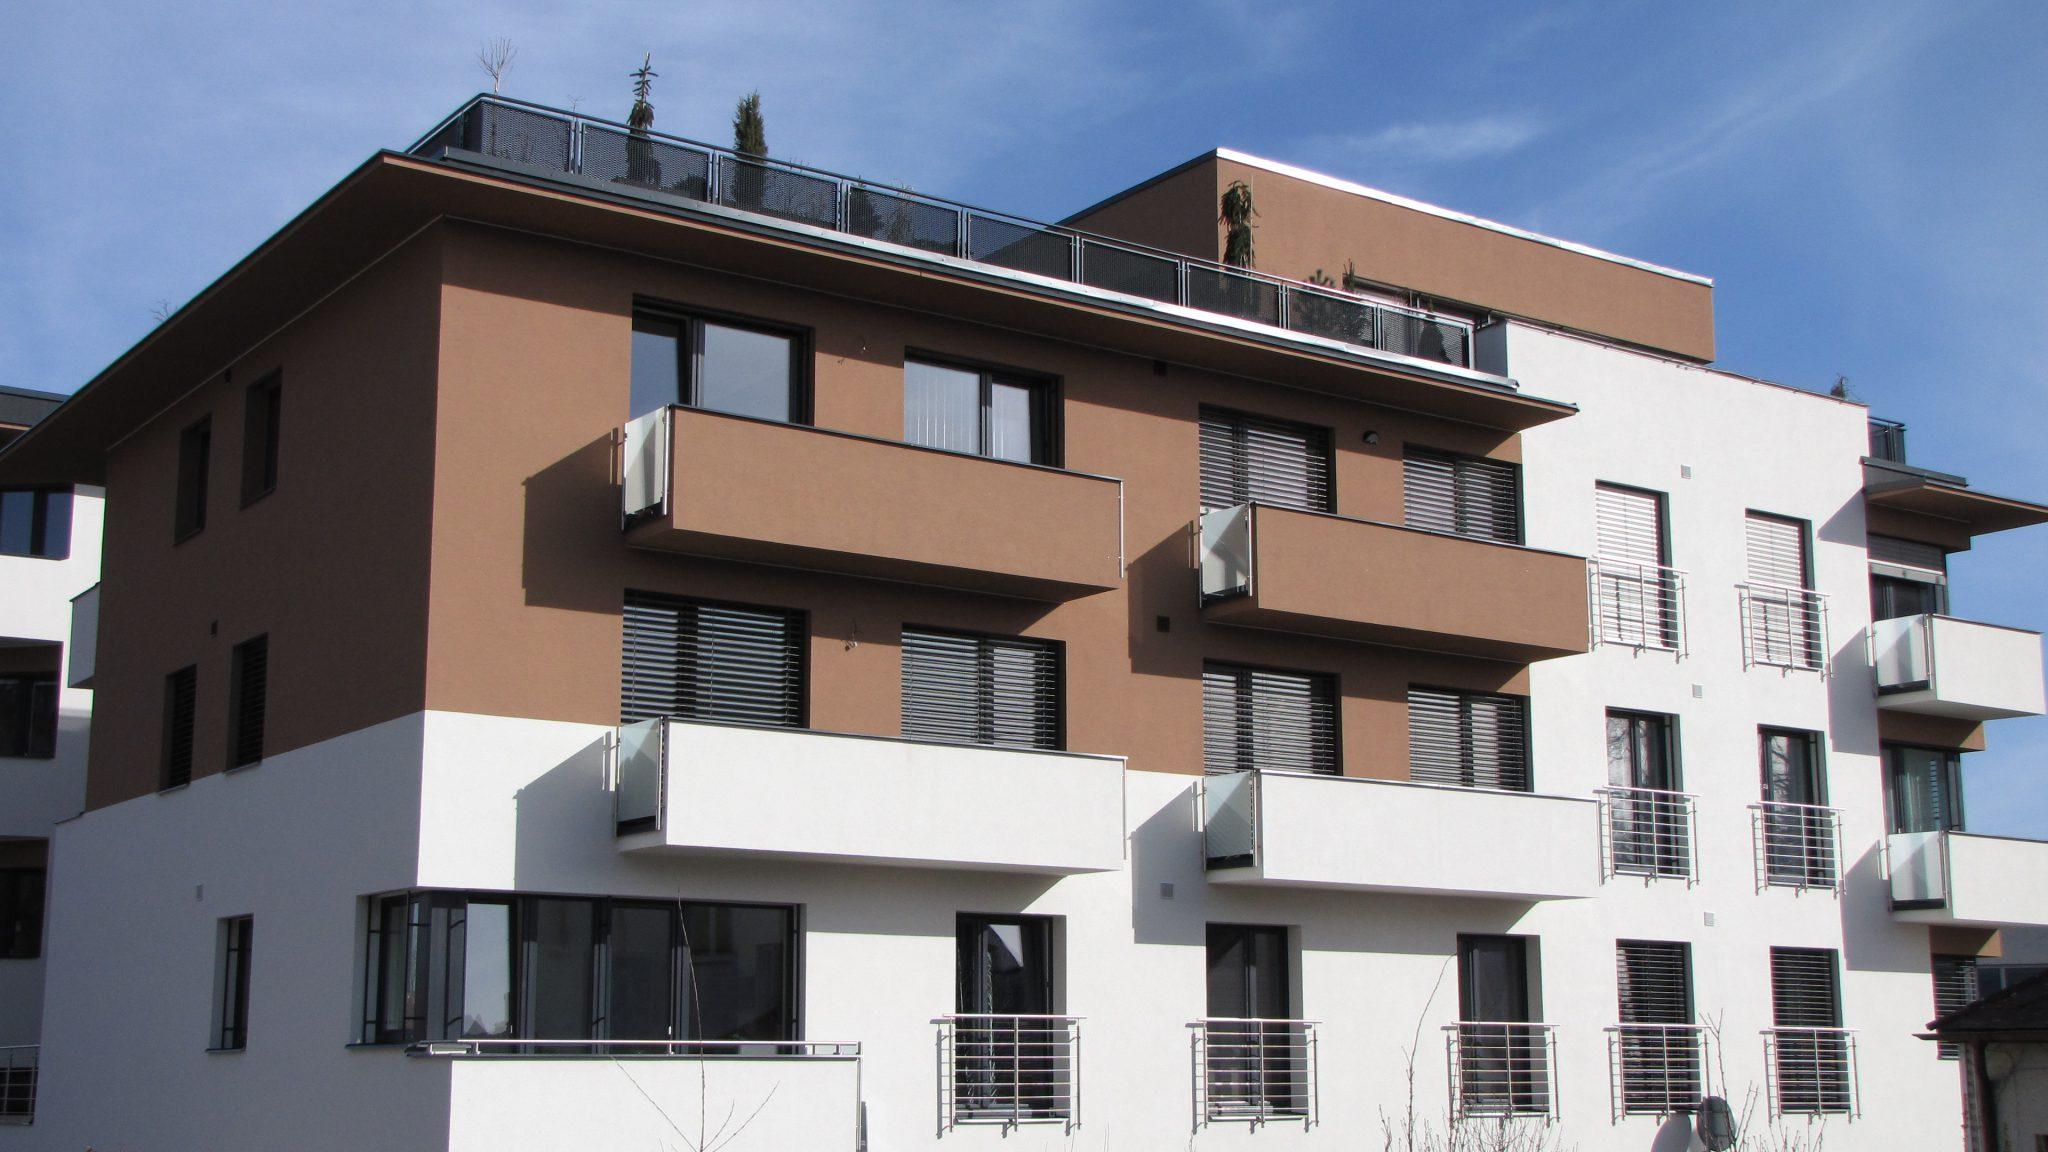 U novostavby bytového domu ve Svitavách developer dopředu počítal se zastíněním v podobě venkovních žaluzií Cetta.